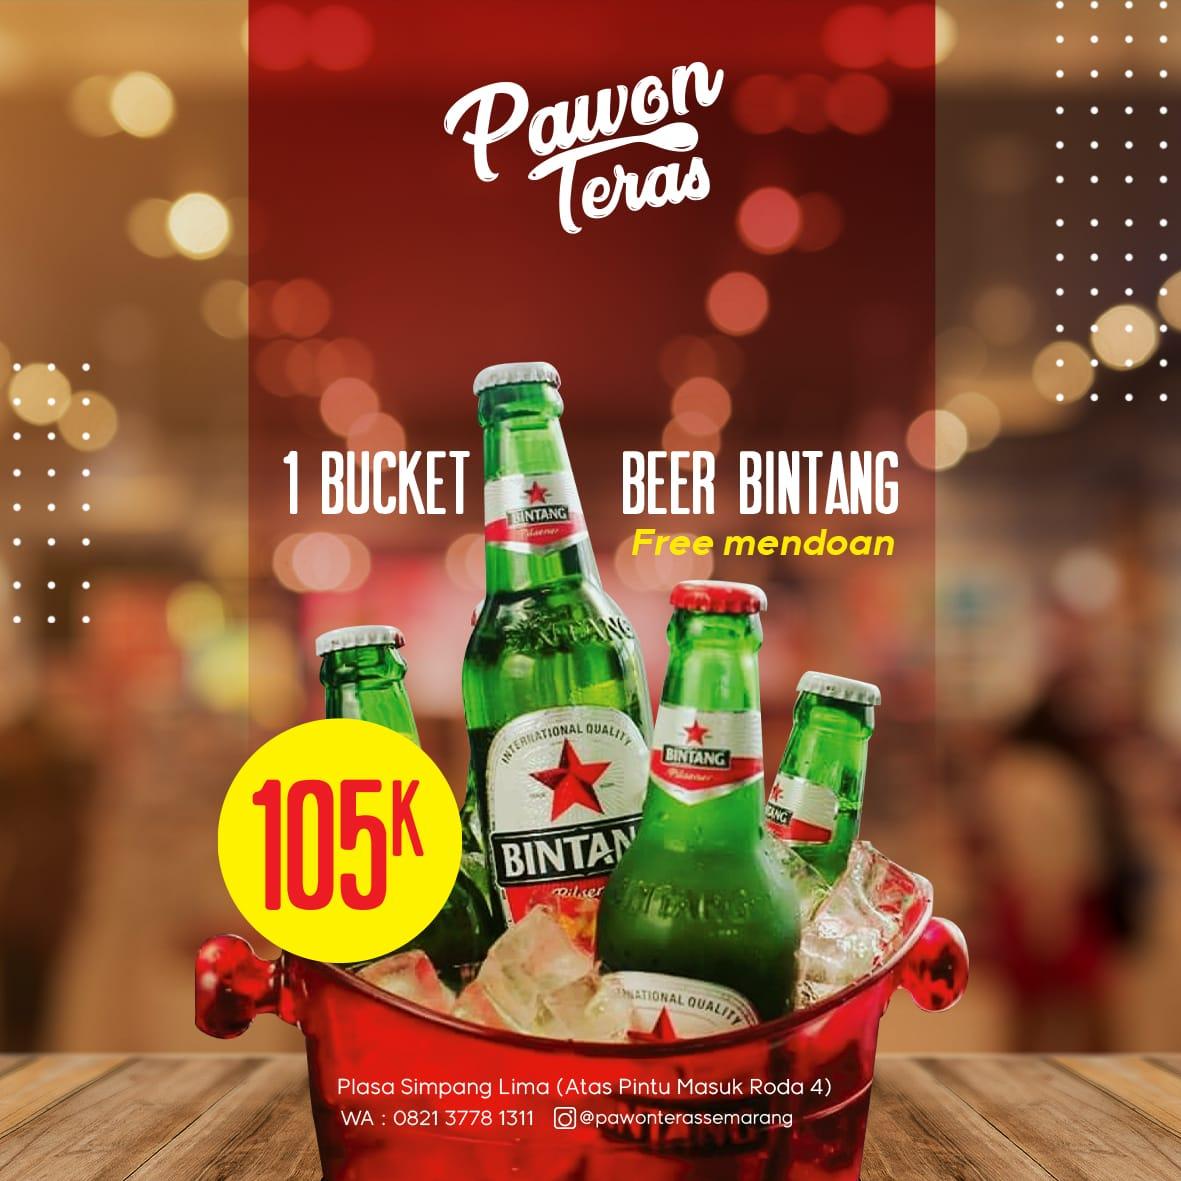 Promo Pawon Teras 1 Bucket Beer Bintang Free mendoan